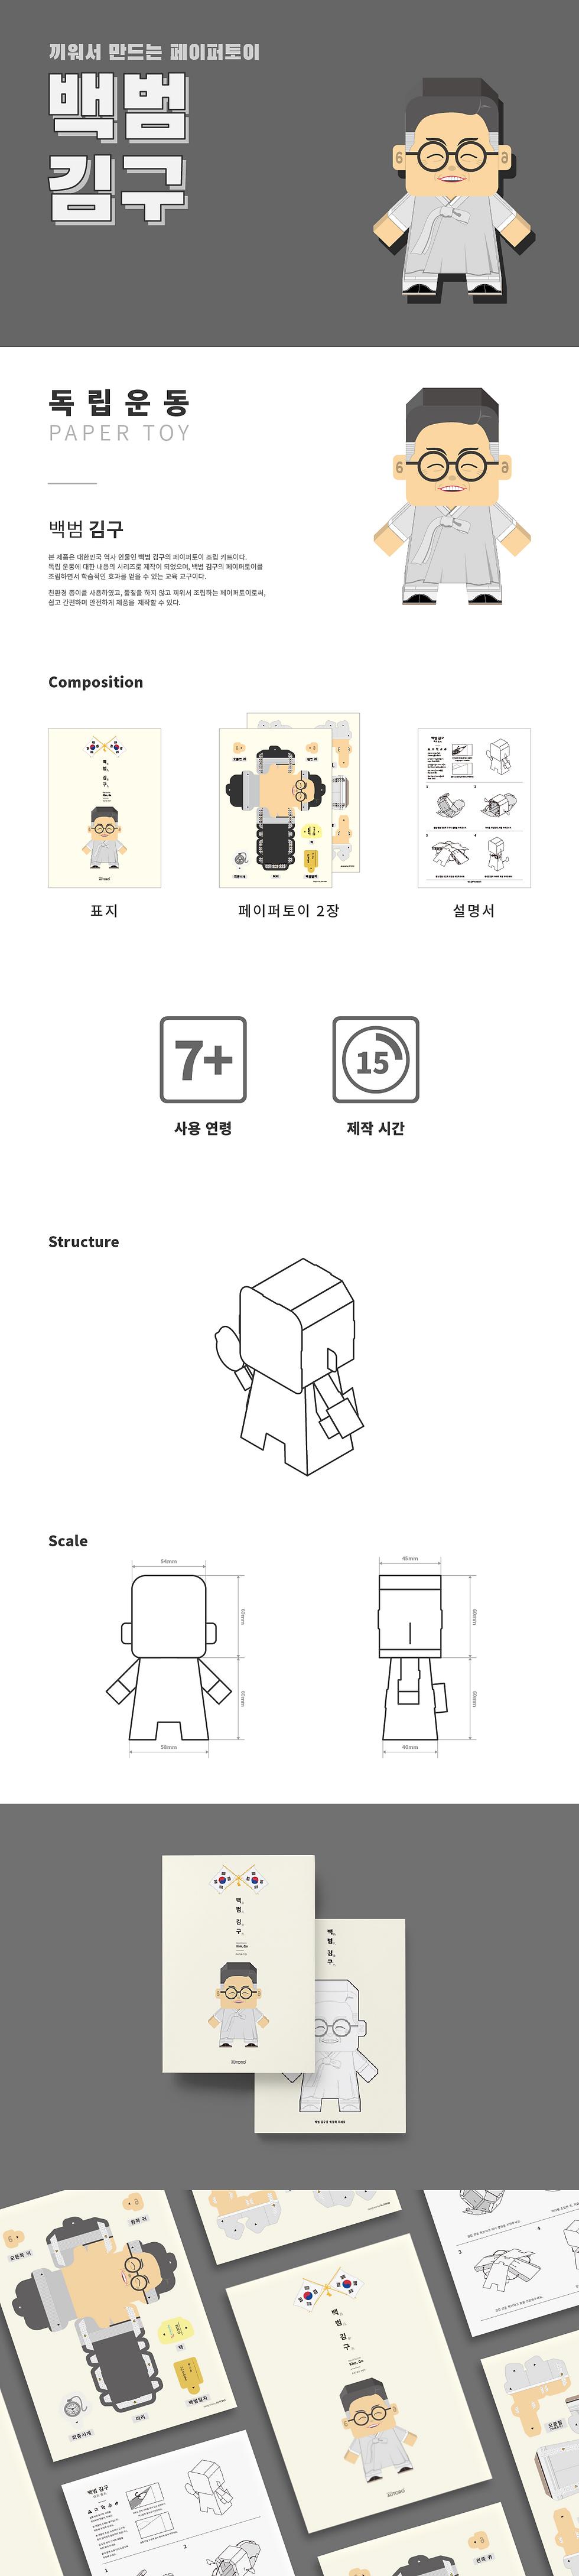 01-22. 백범 김구_독립운동_상세페이지.png